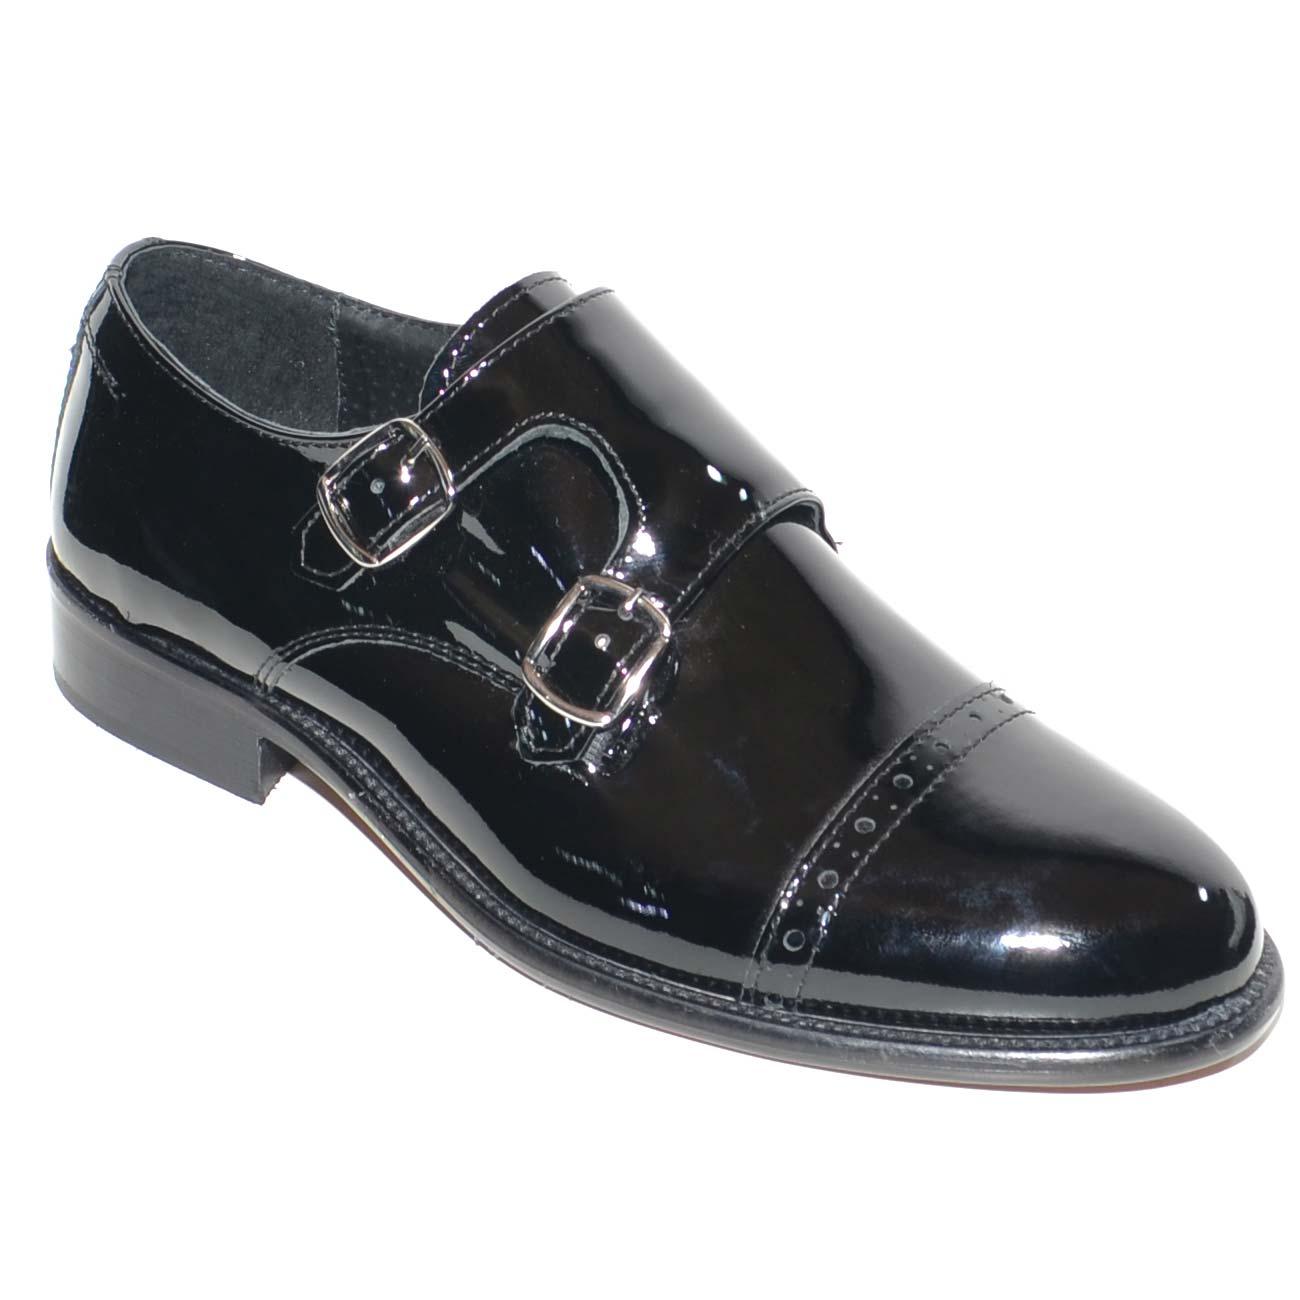 Scarpe uomo doppia fibbia lucide vernice nero vera pelle con fondo in cuoio  artigianale handmade per 29a7e79f143